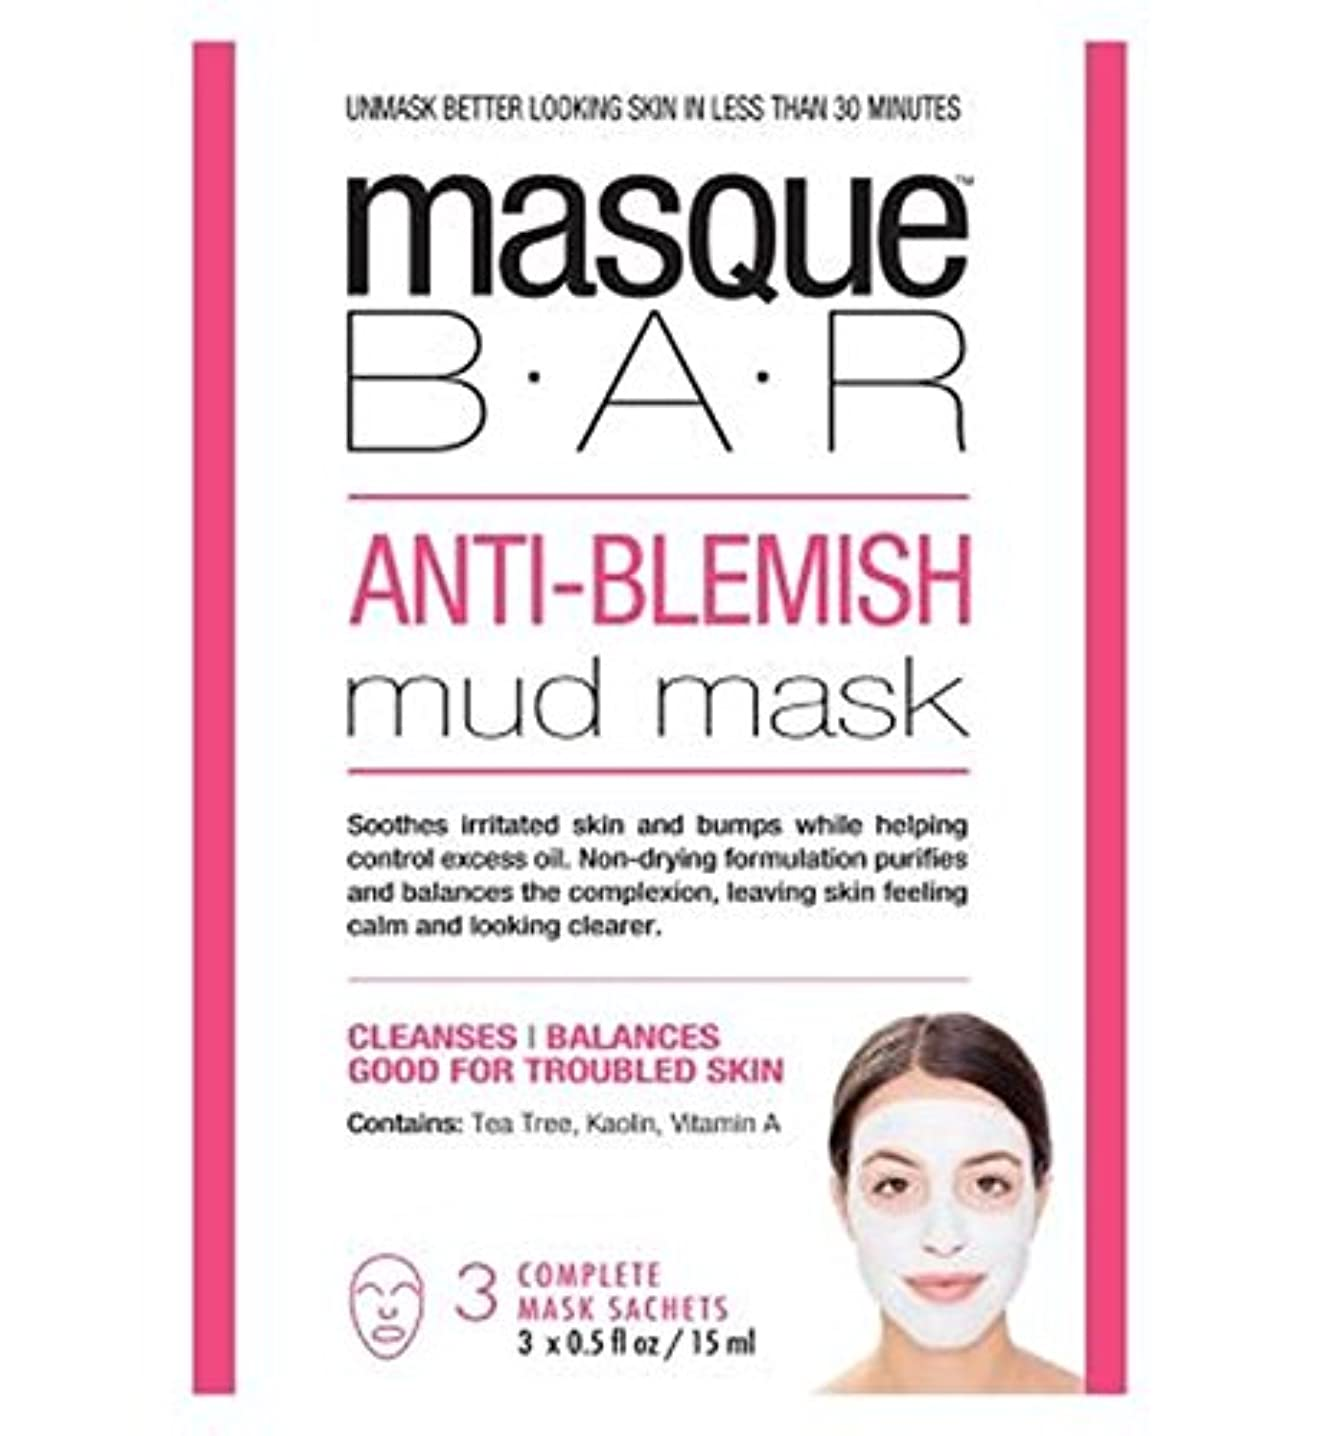 送るフレットインペリアル仮面劇バー抗傷泥マスク - 3S (P6B Masque Bar Bt) (x2) - Masque Bar Anti-Blemish Mud Mask - 3s (Pack of 2) [並行輸入品]